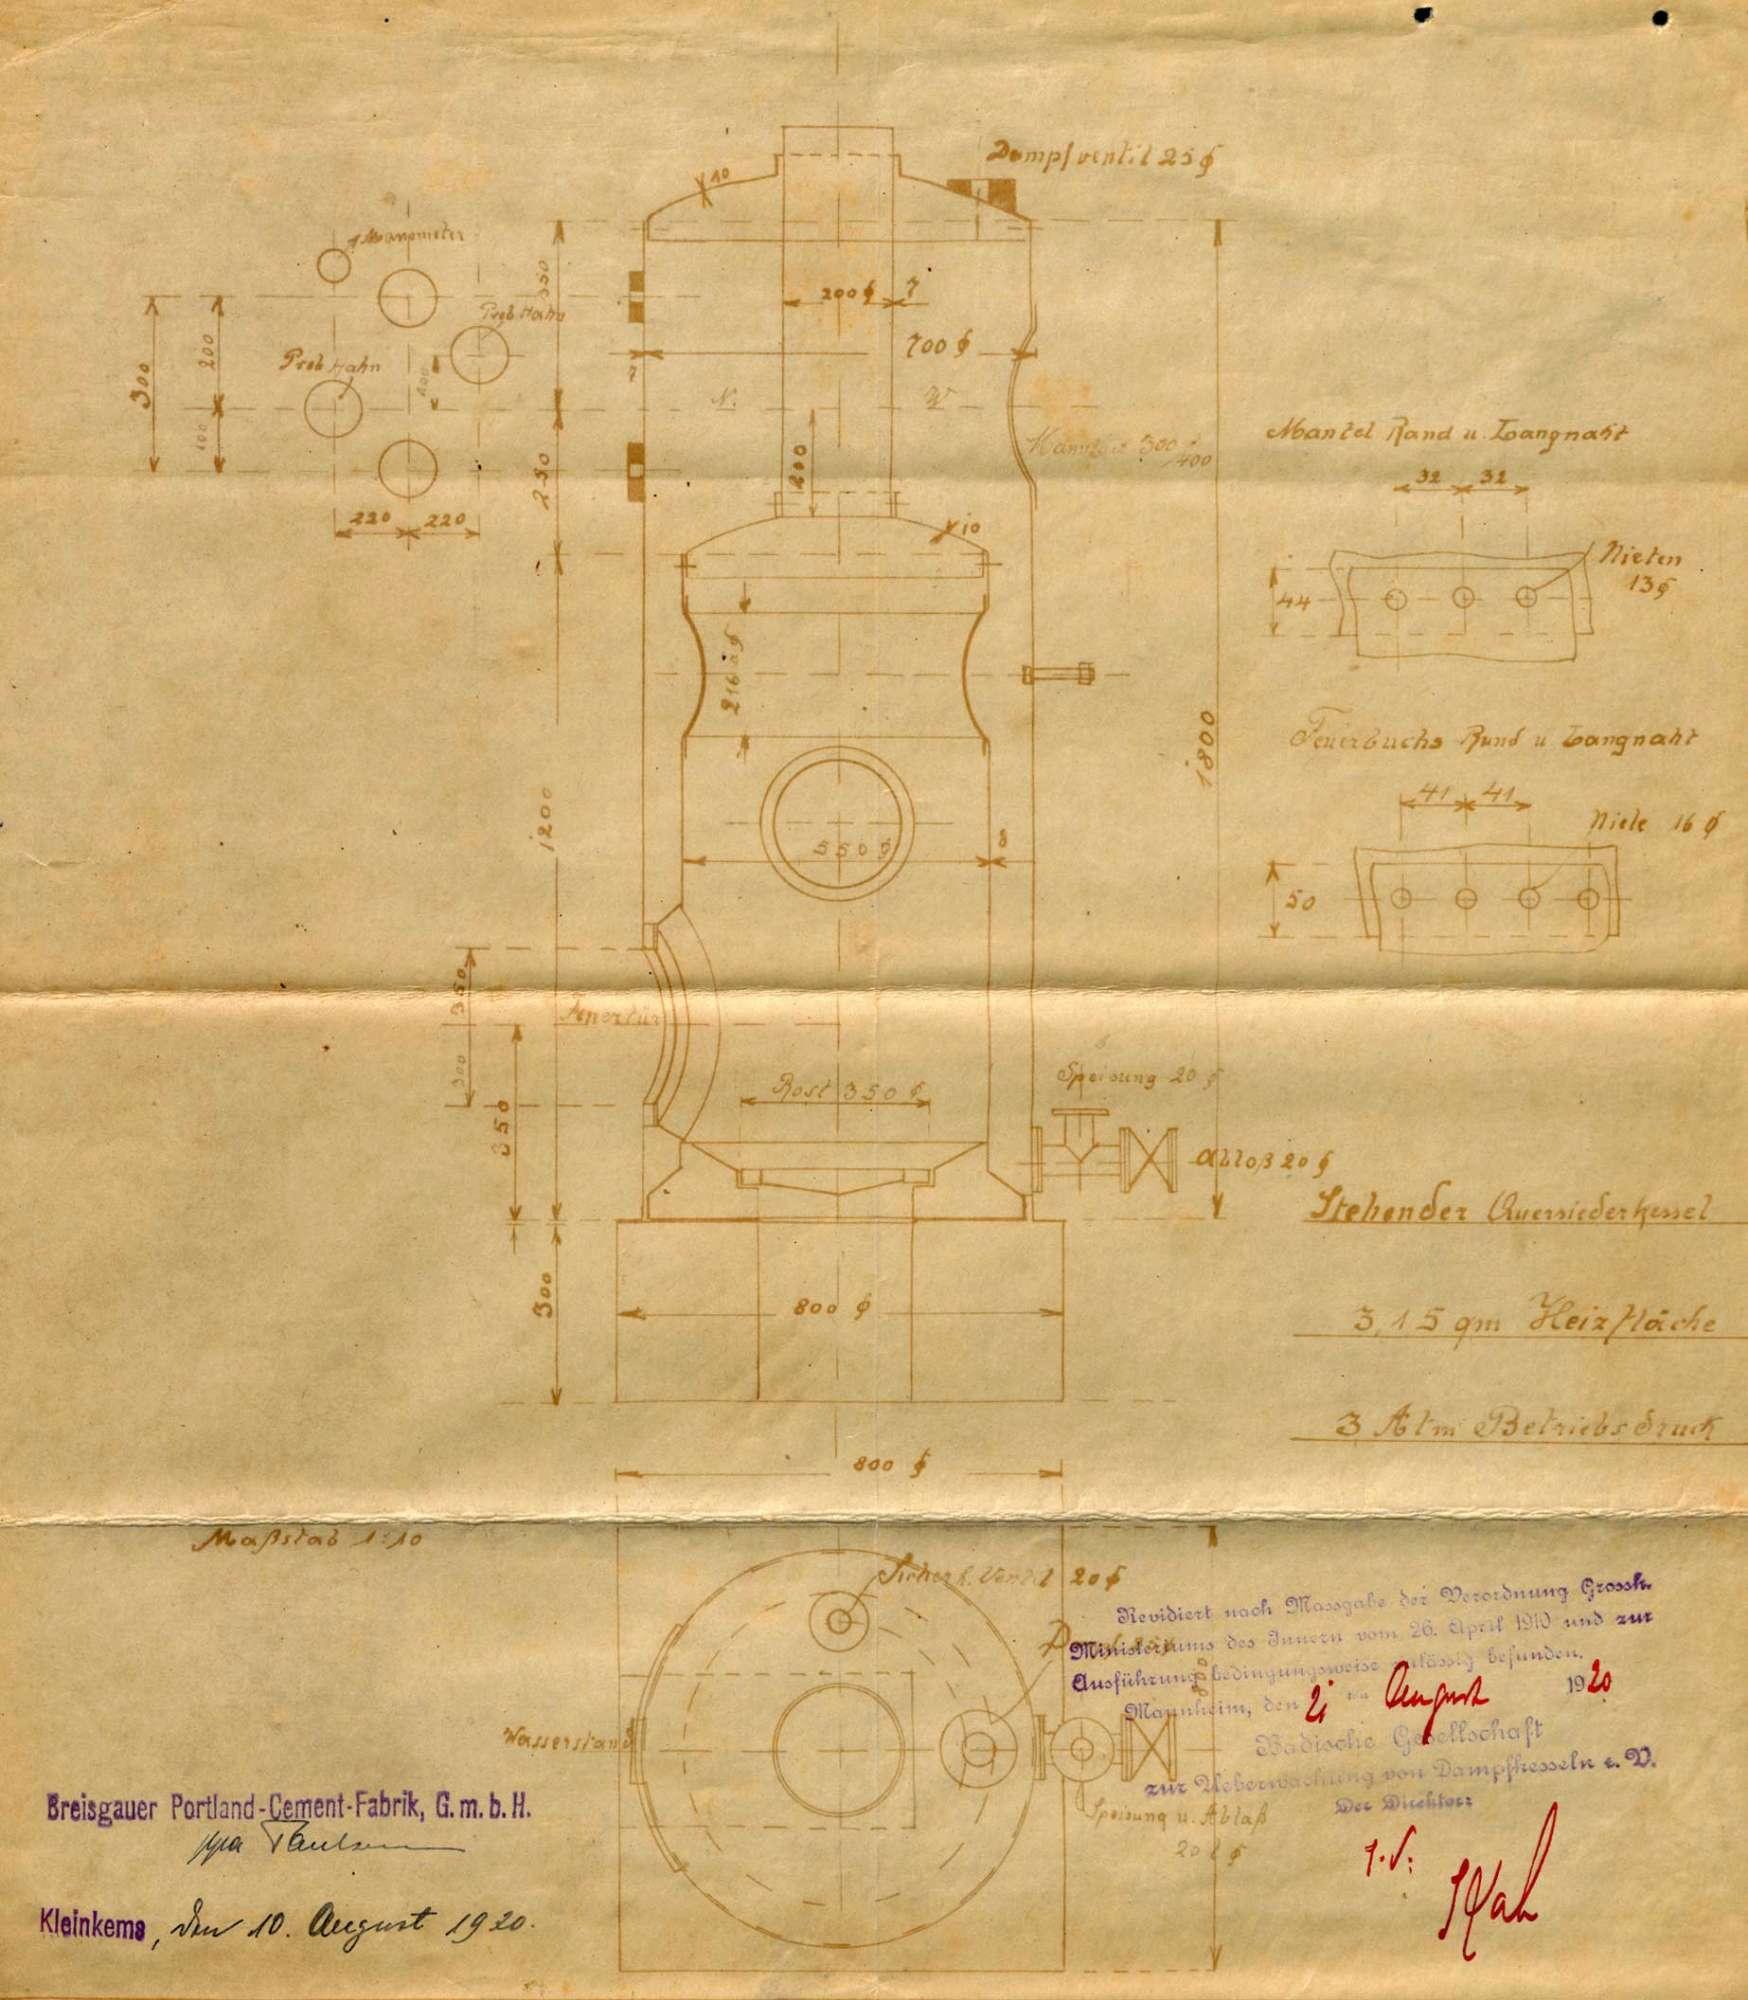 Gesuch der Fa. Breisgauer Portland-Zement-Fabrik GmbH in Kleinkems um Erlaubnis zur Anlegung bzw. Veränderung eines Dampfkessels, Bild 3